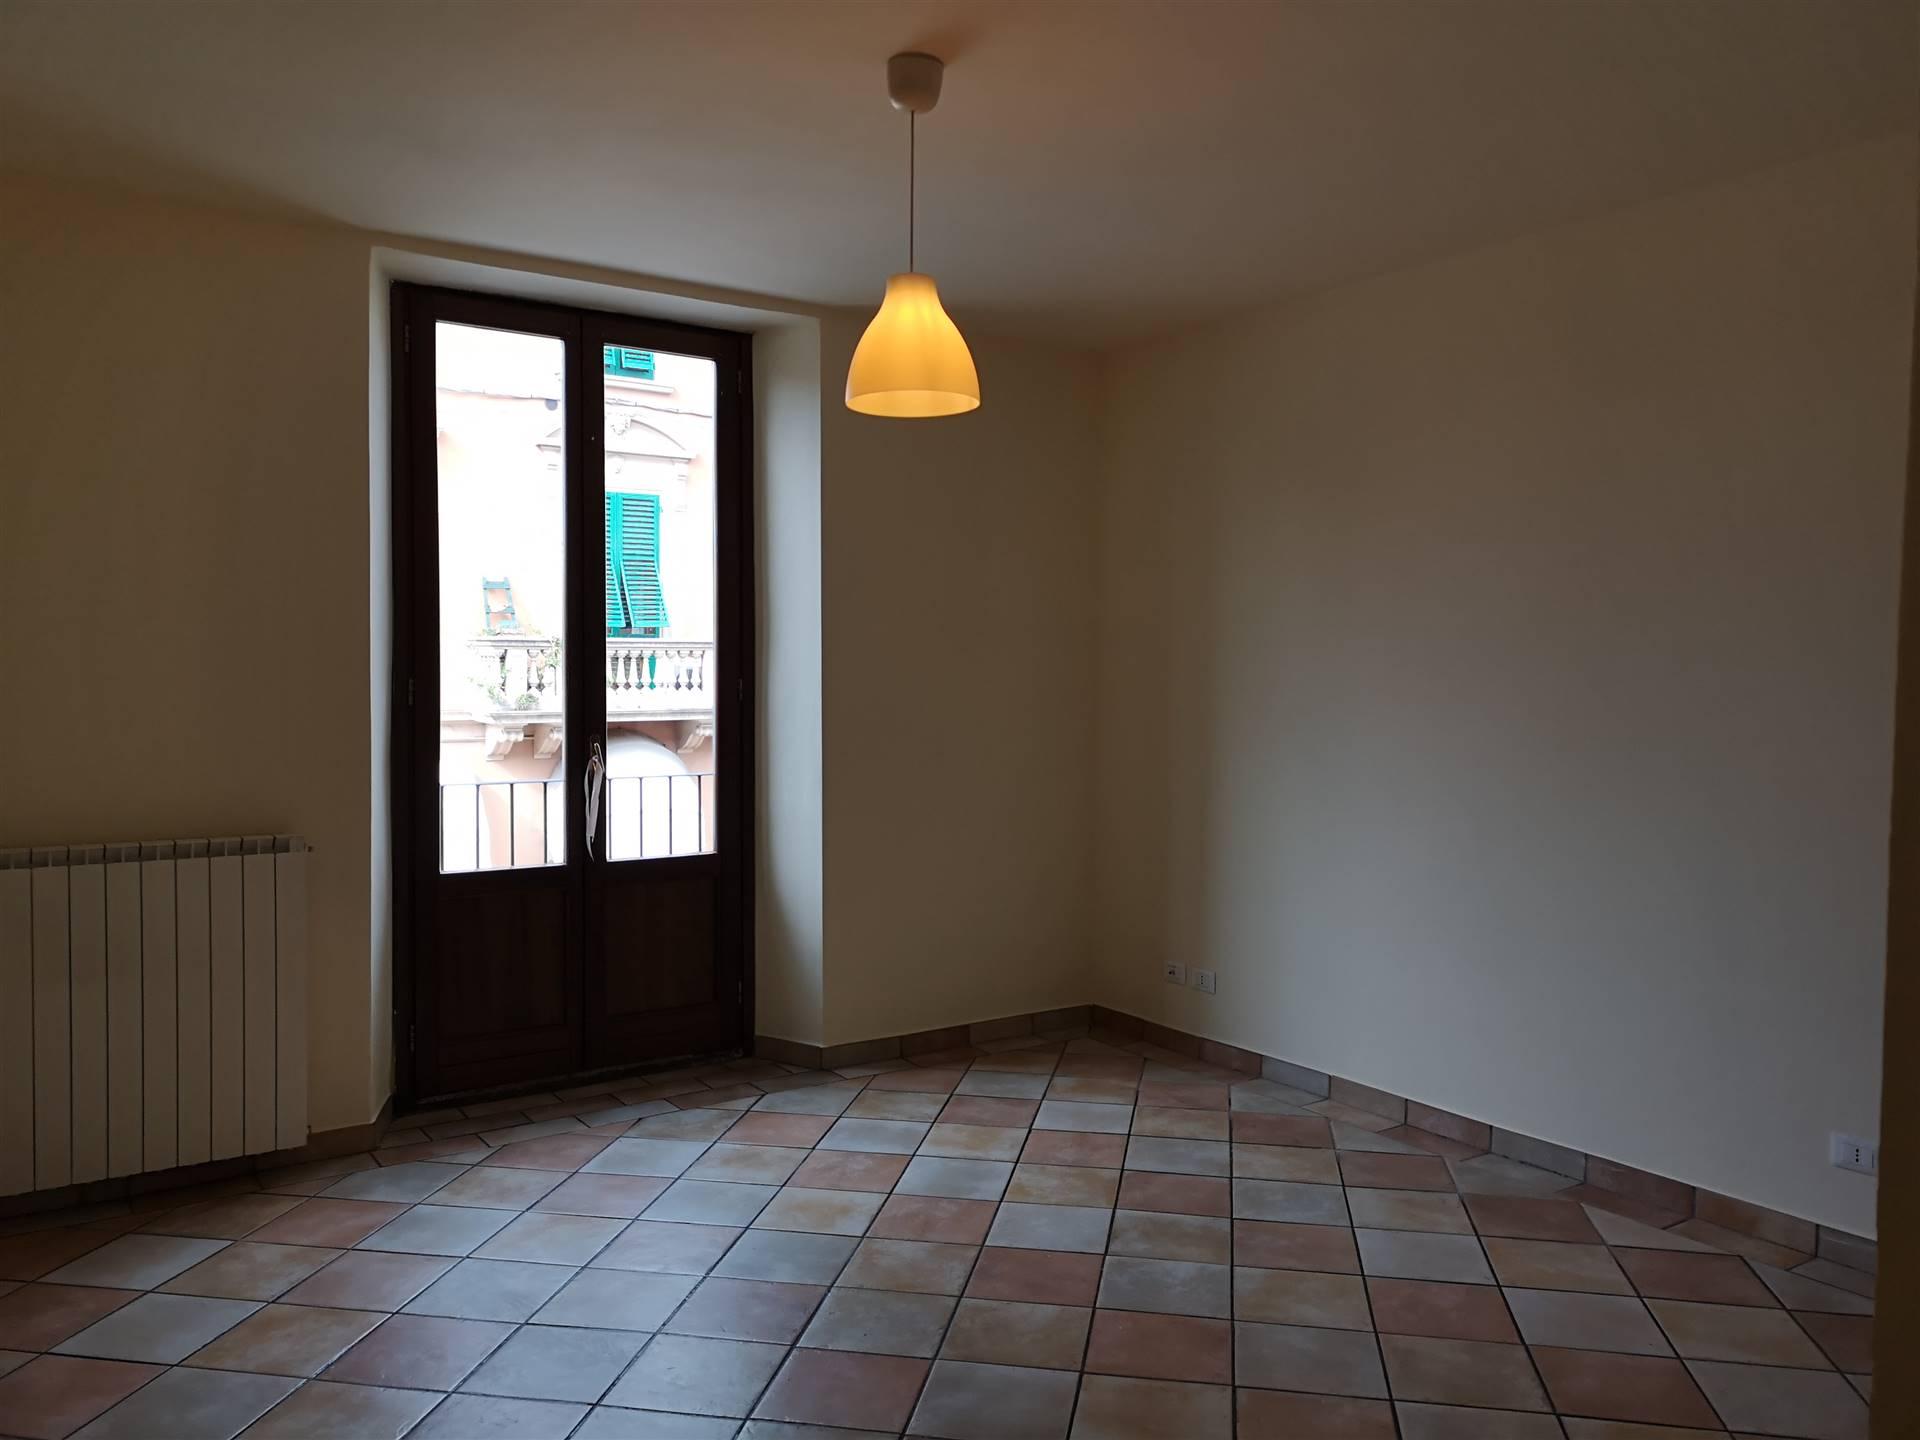 LAMPORECCHIO, Appartamento in affitto, Ristrutturato, Riscaldamento Autonomo, Classe energetica: G, posto al piano 1° su 1, composto da: 3 Vani,